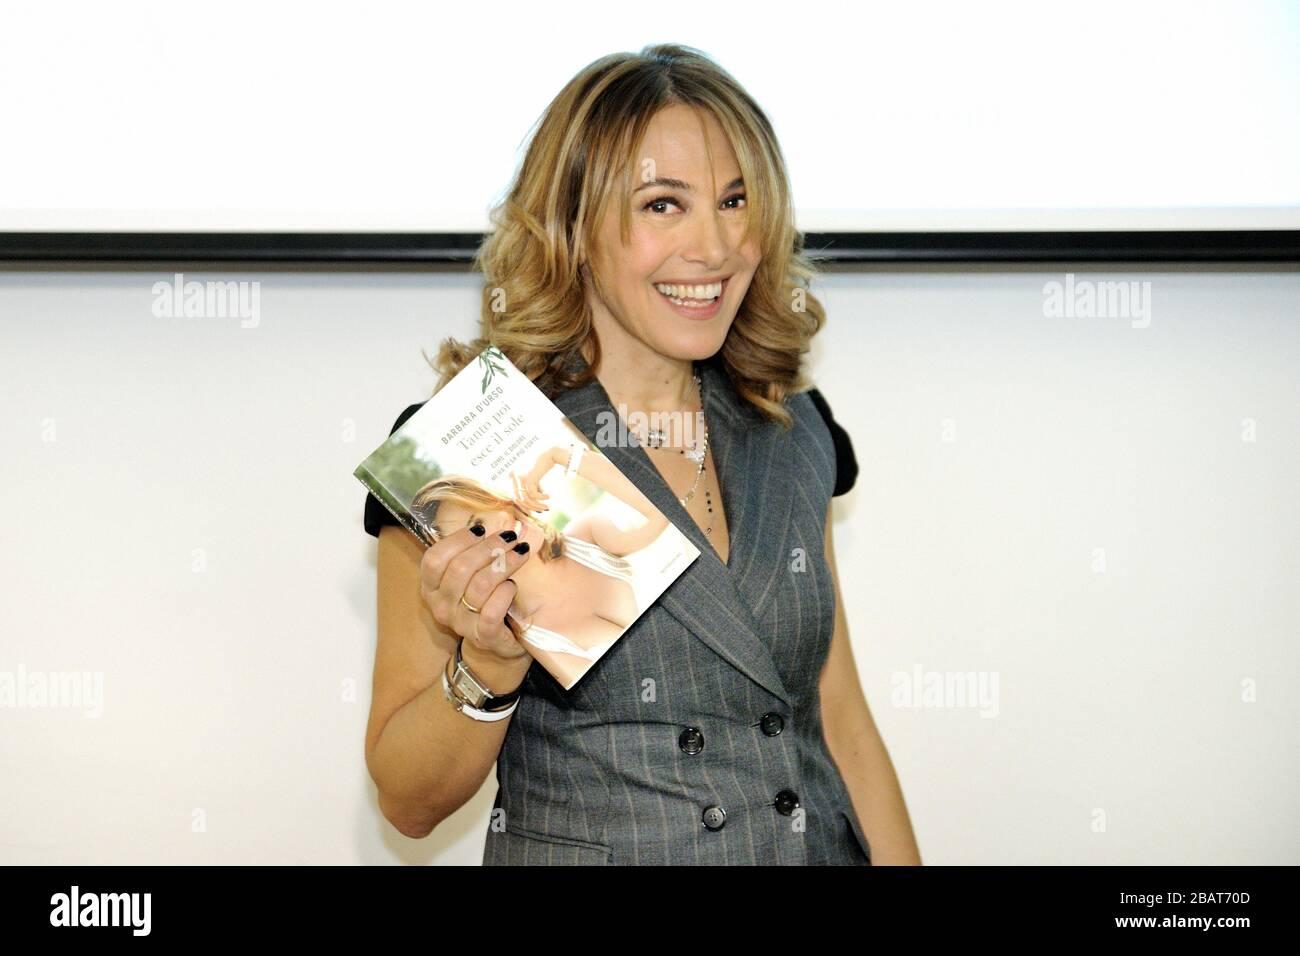 """Barbara D'Urso's book launch """"tanto poi esce il sole"""" Mondadori Milano - February 20th 2011 (presentazione libro Barbara D'urso) Stock Photo"""